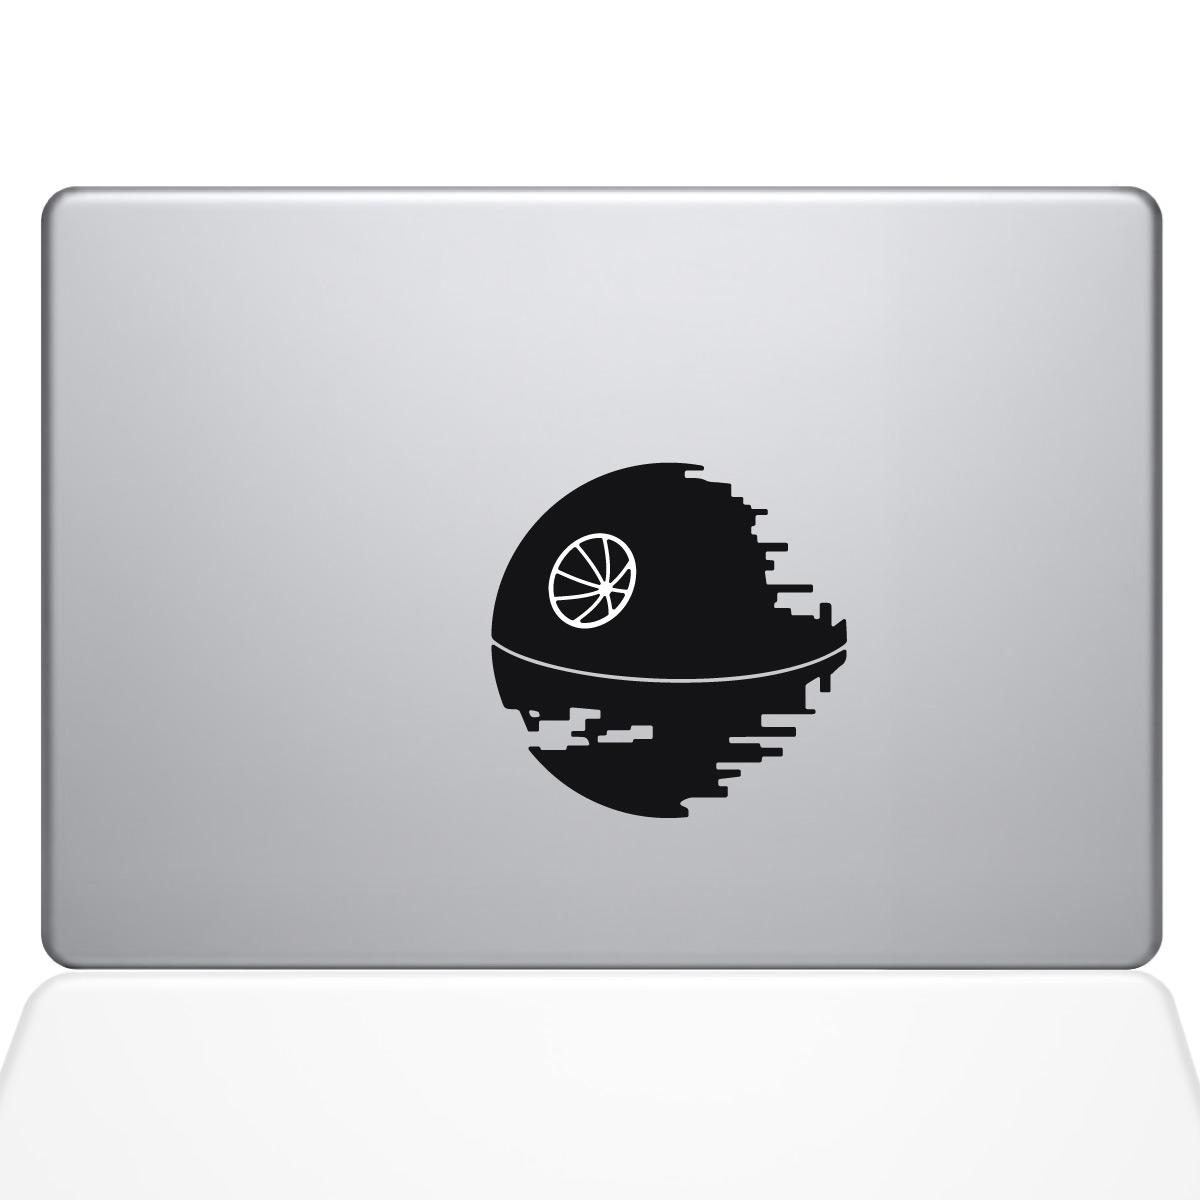 Death Star Macbook Decal The Decal Guru - Vinyl decals for macbook